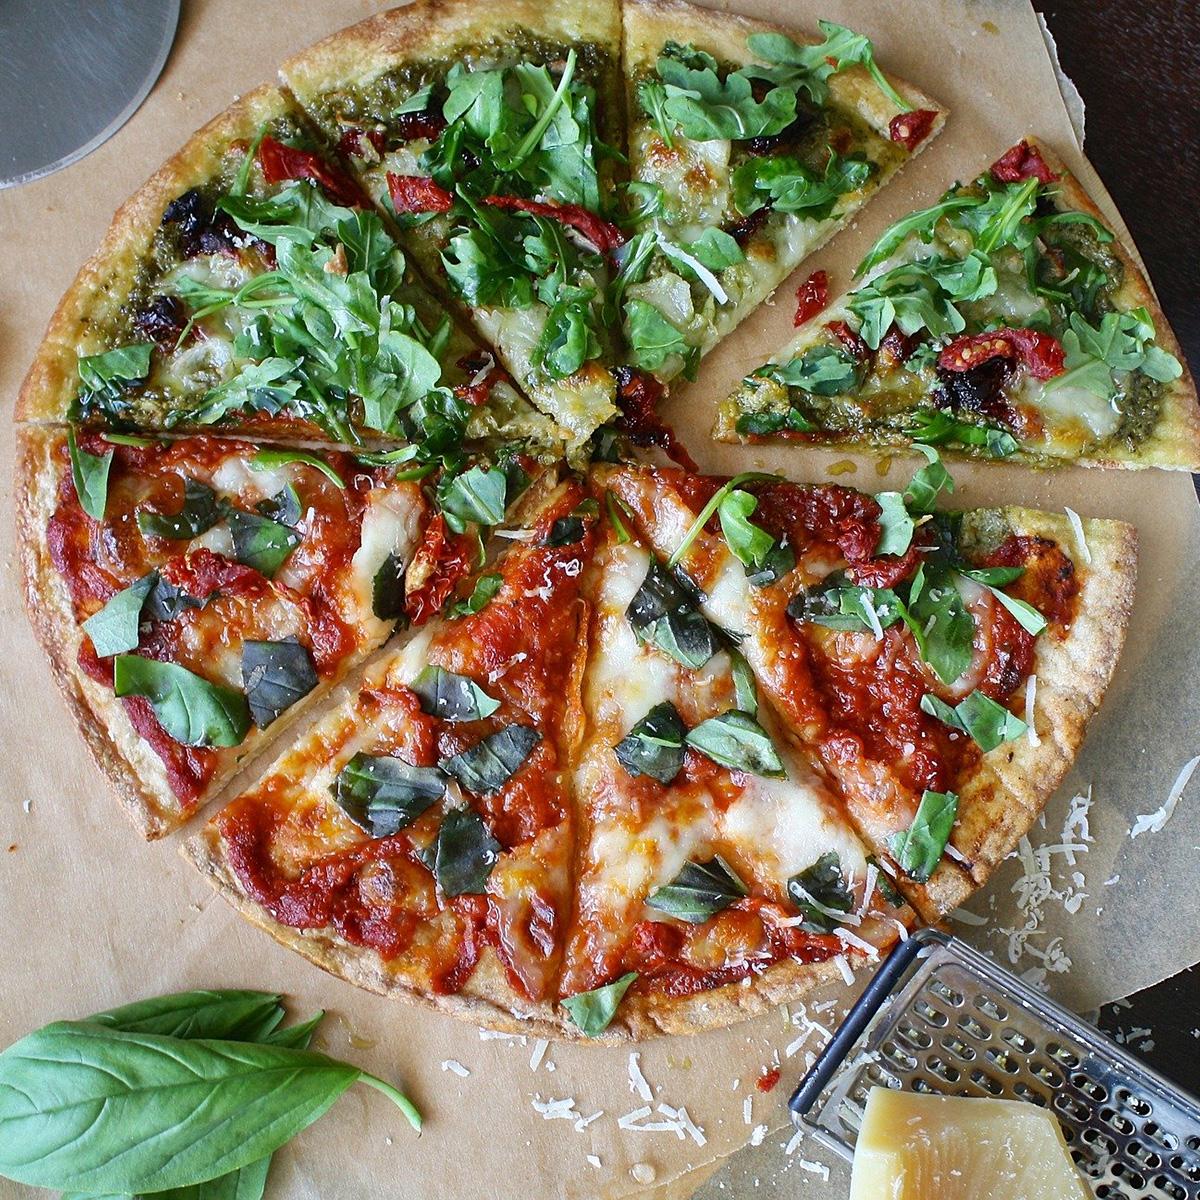 tortilja pizza split bioplanet zdrava hrana